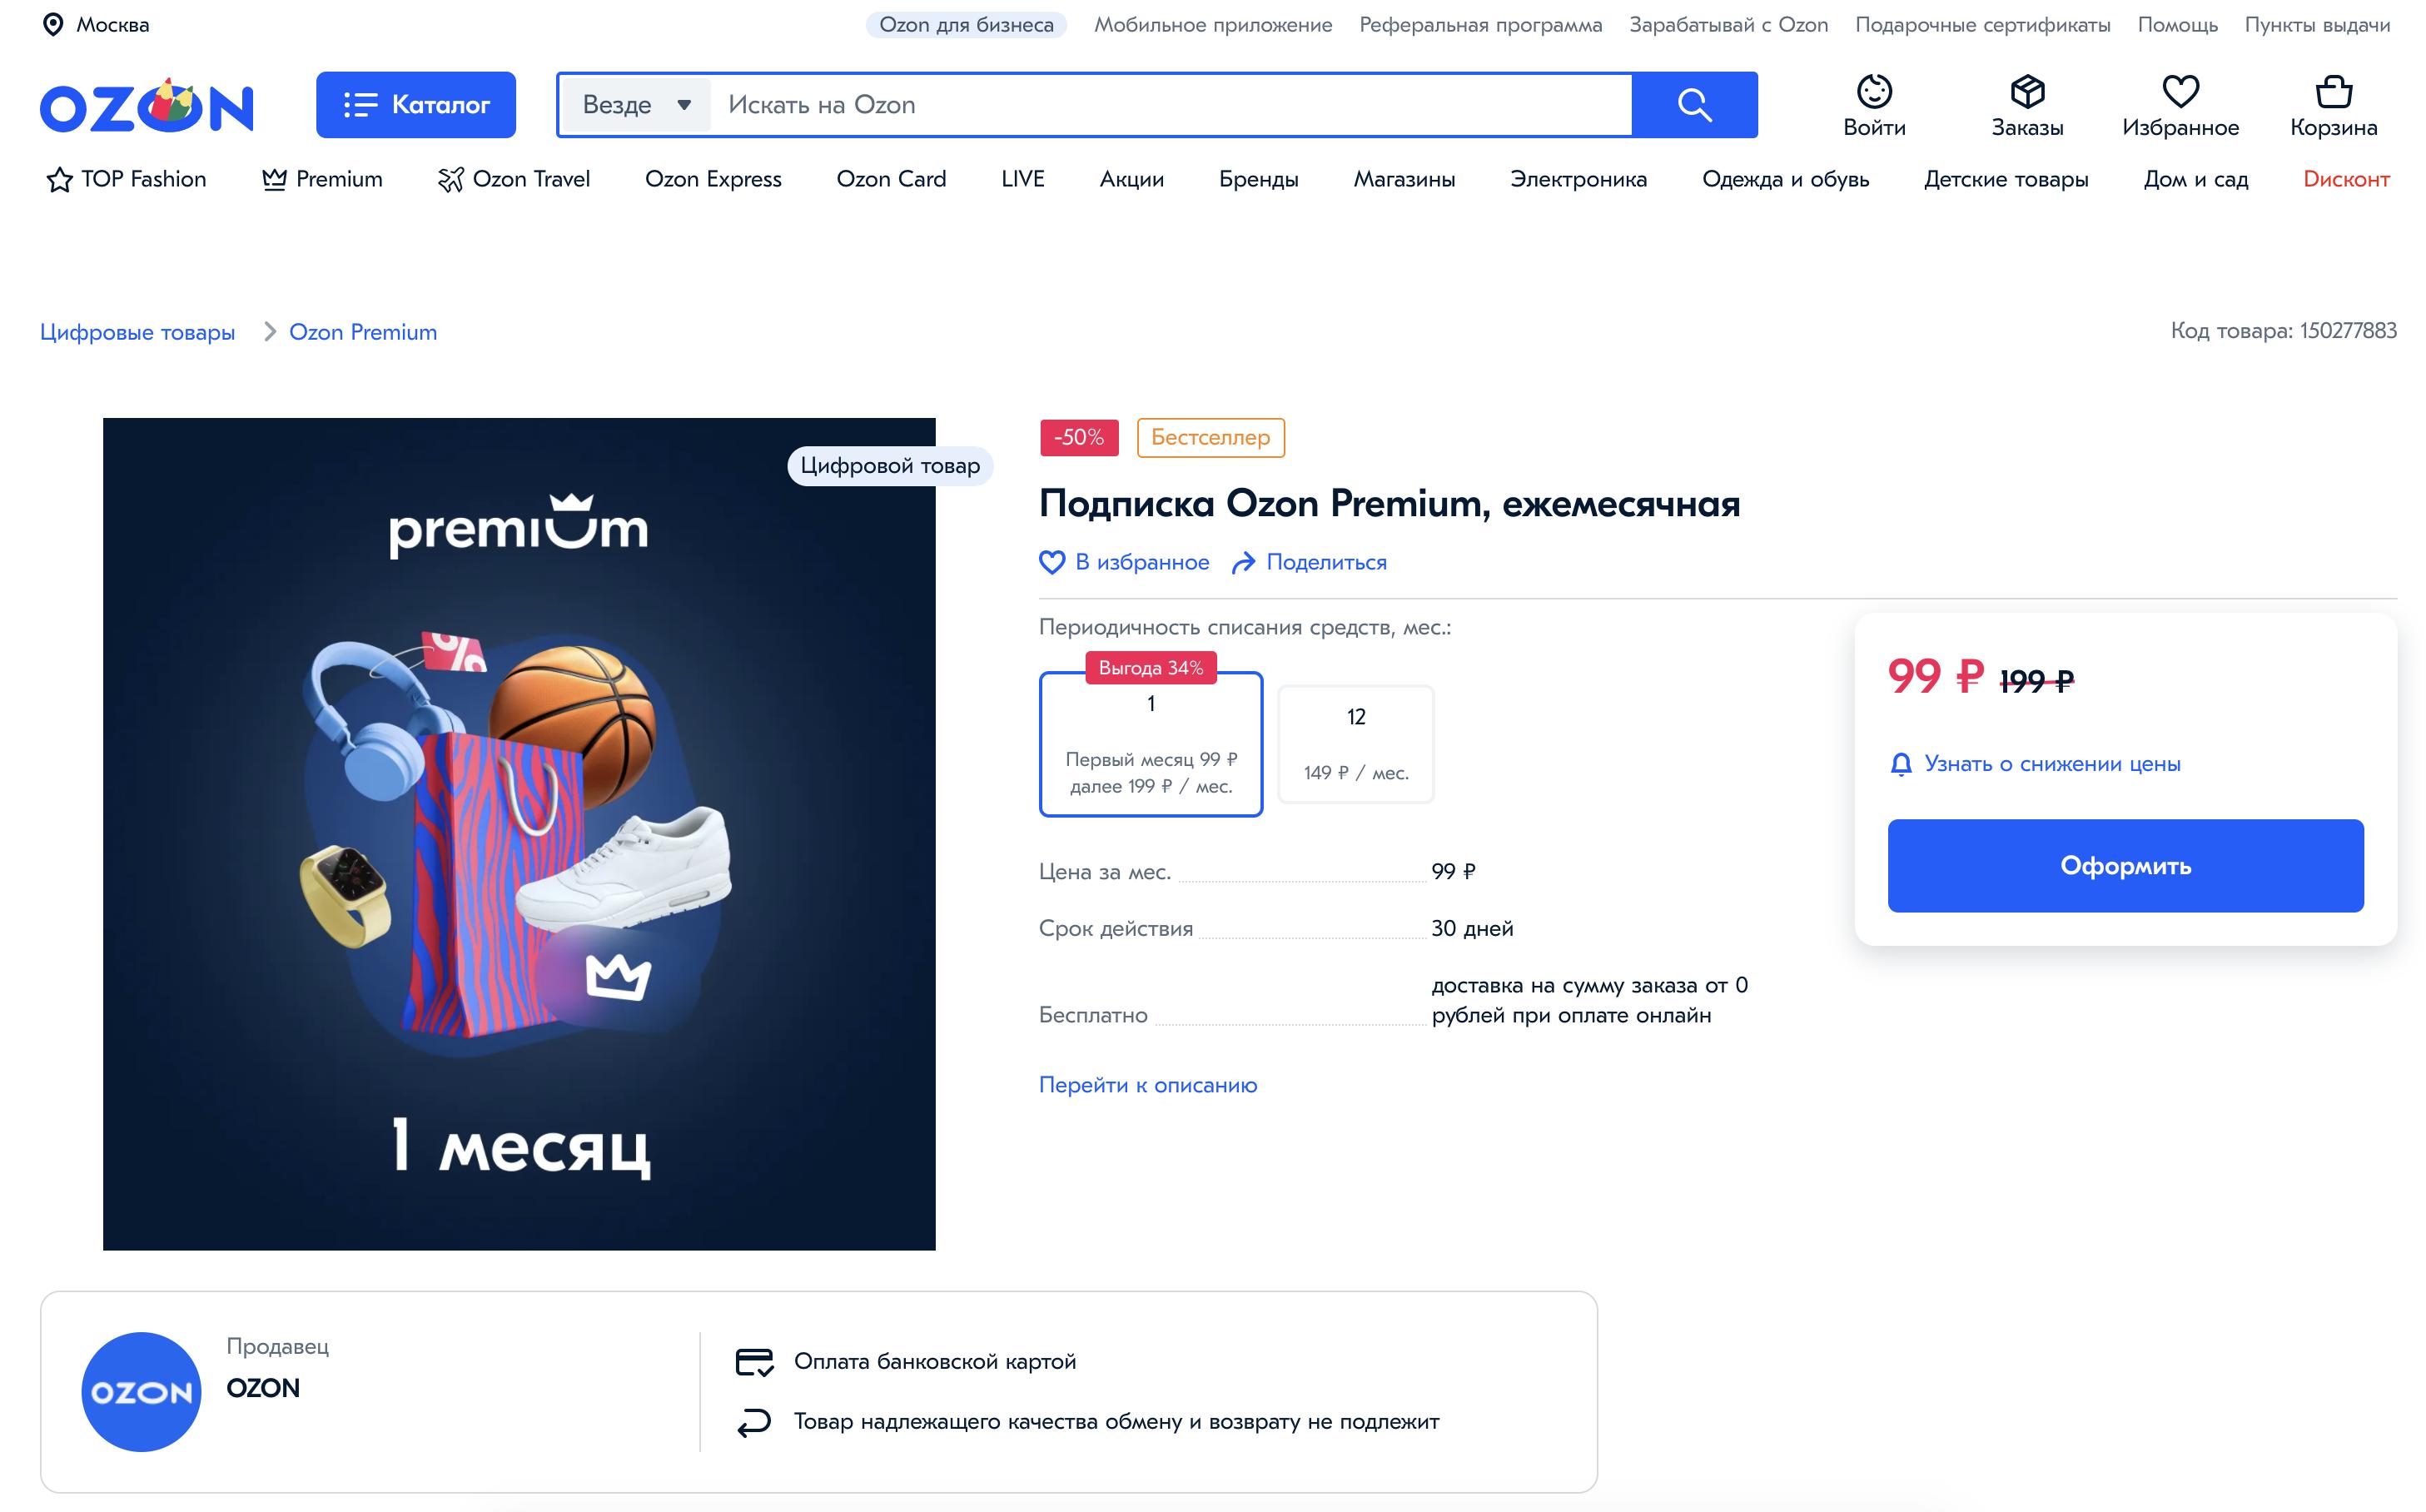 Как купить за 1 рубль с подпиской Premium на Ozon